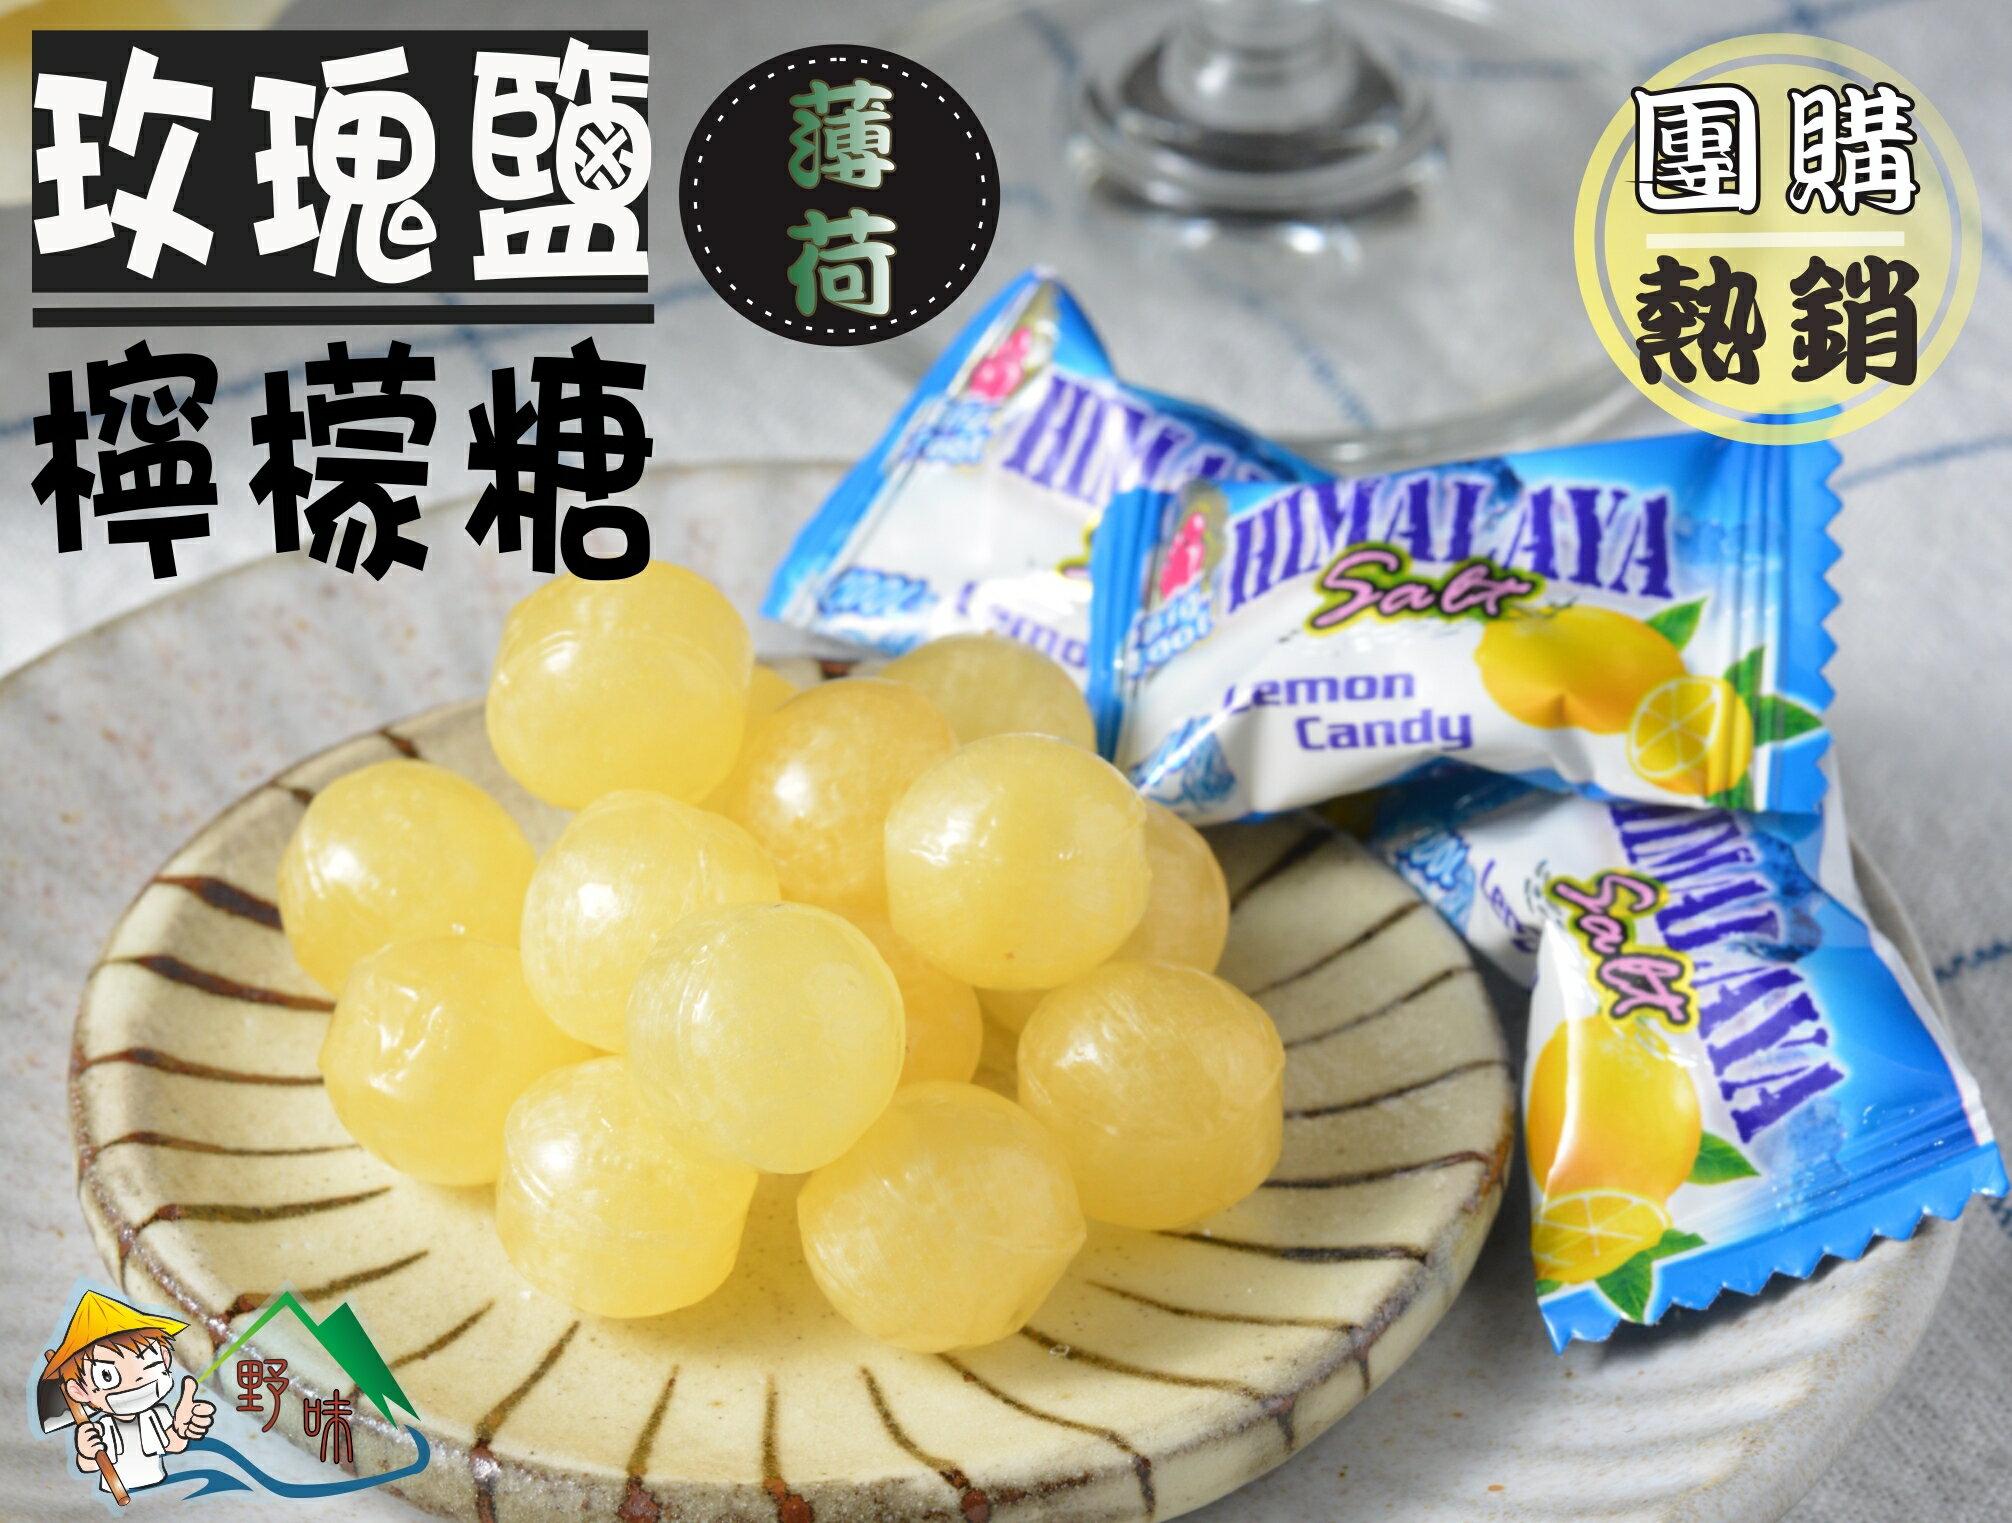 【野味食品】BF 薄荷玫瑰鹽檸檬糖(薄荷 涼糖 潤喉)(125g/包,250g/包,1000g/包)